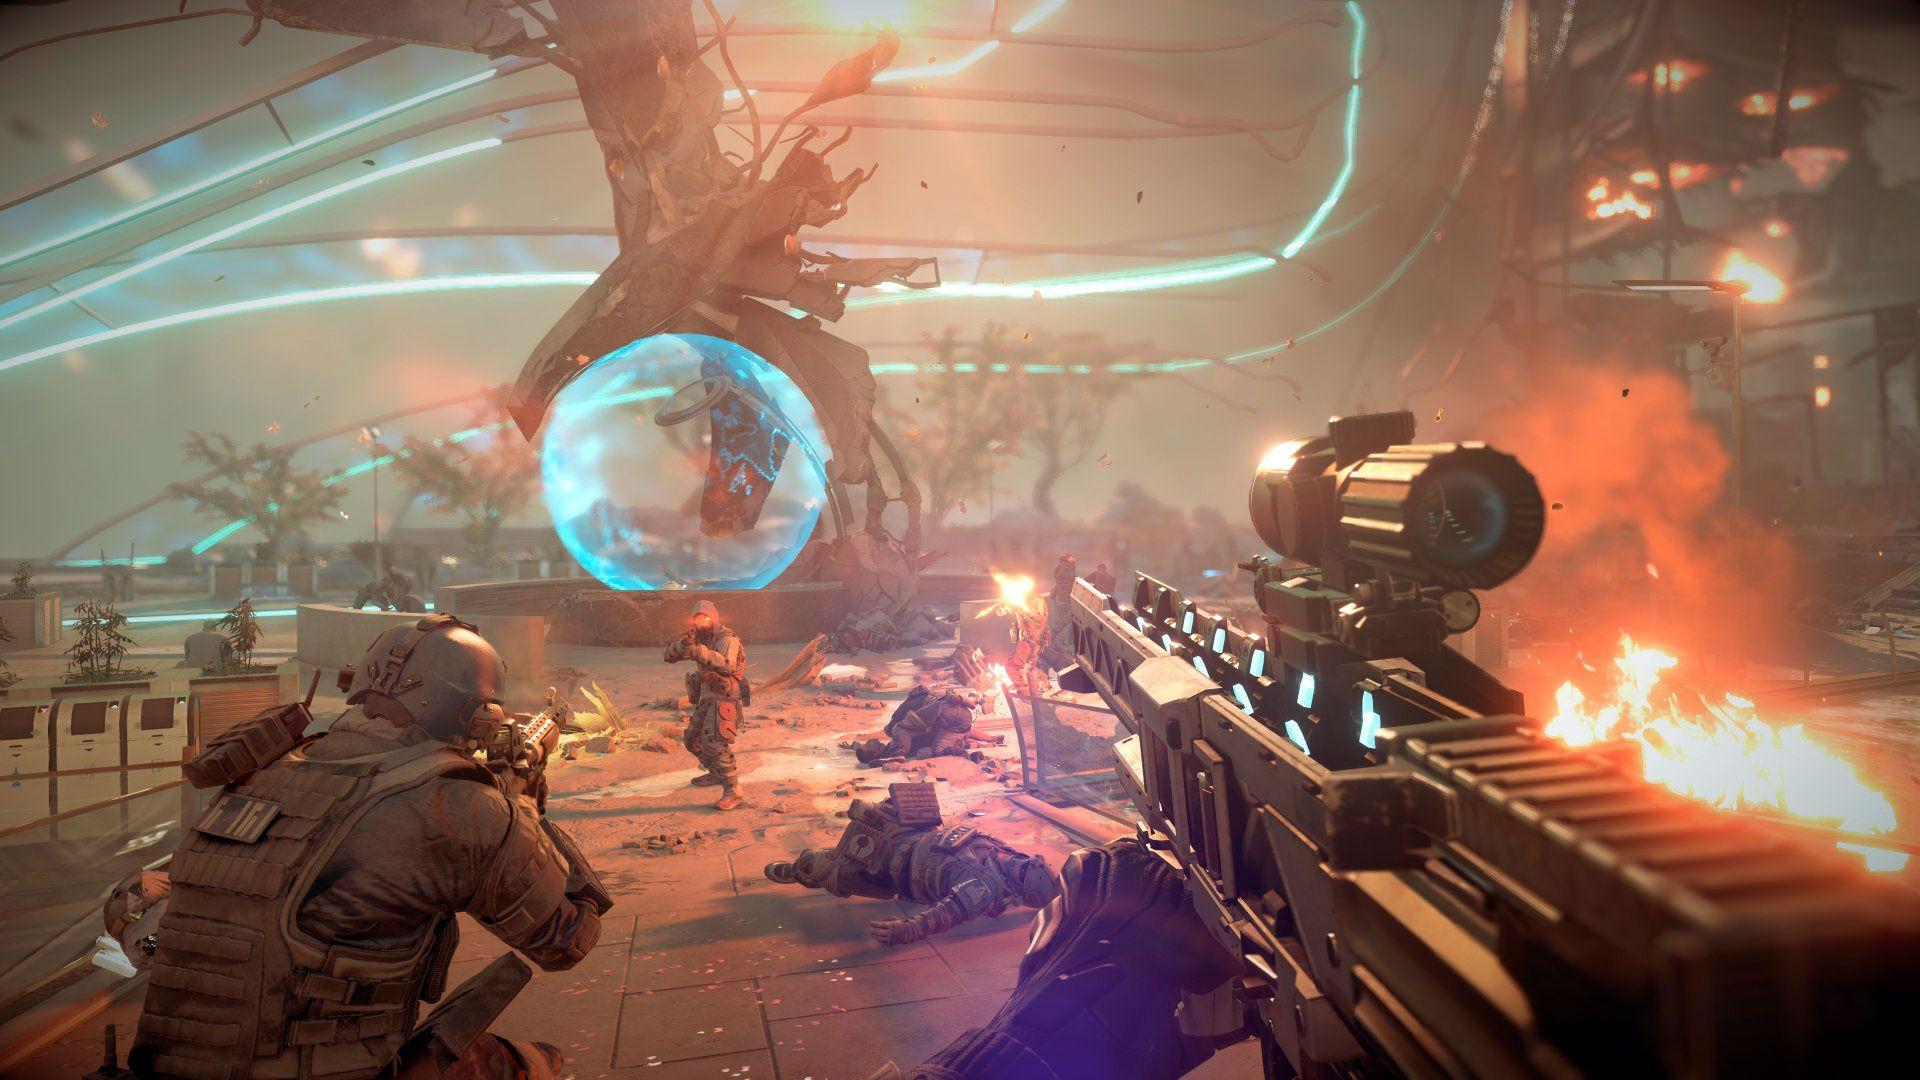 Killzone: В плену сумрака изображение 2